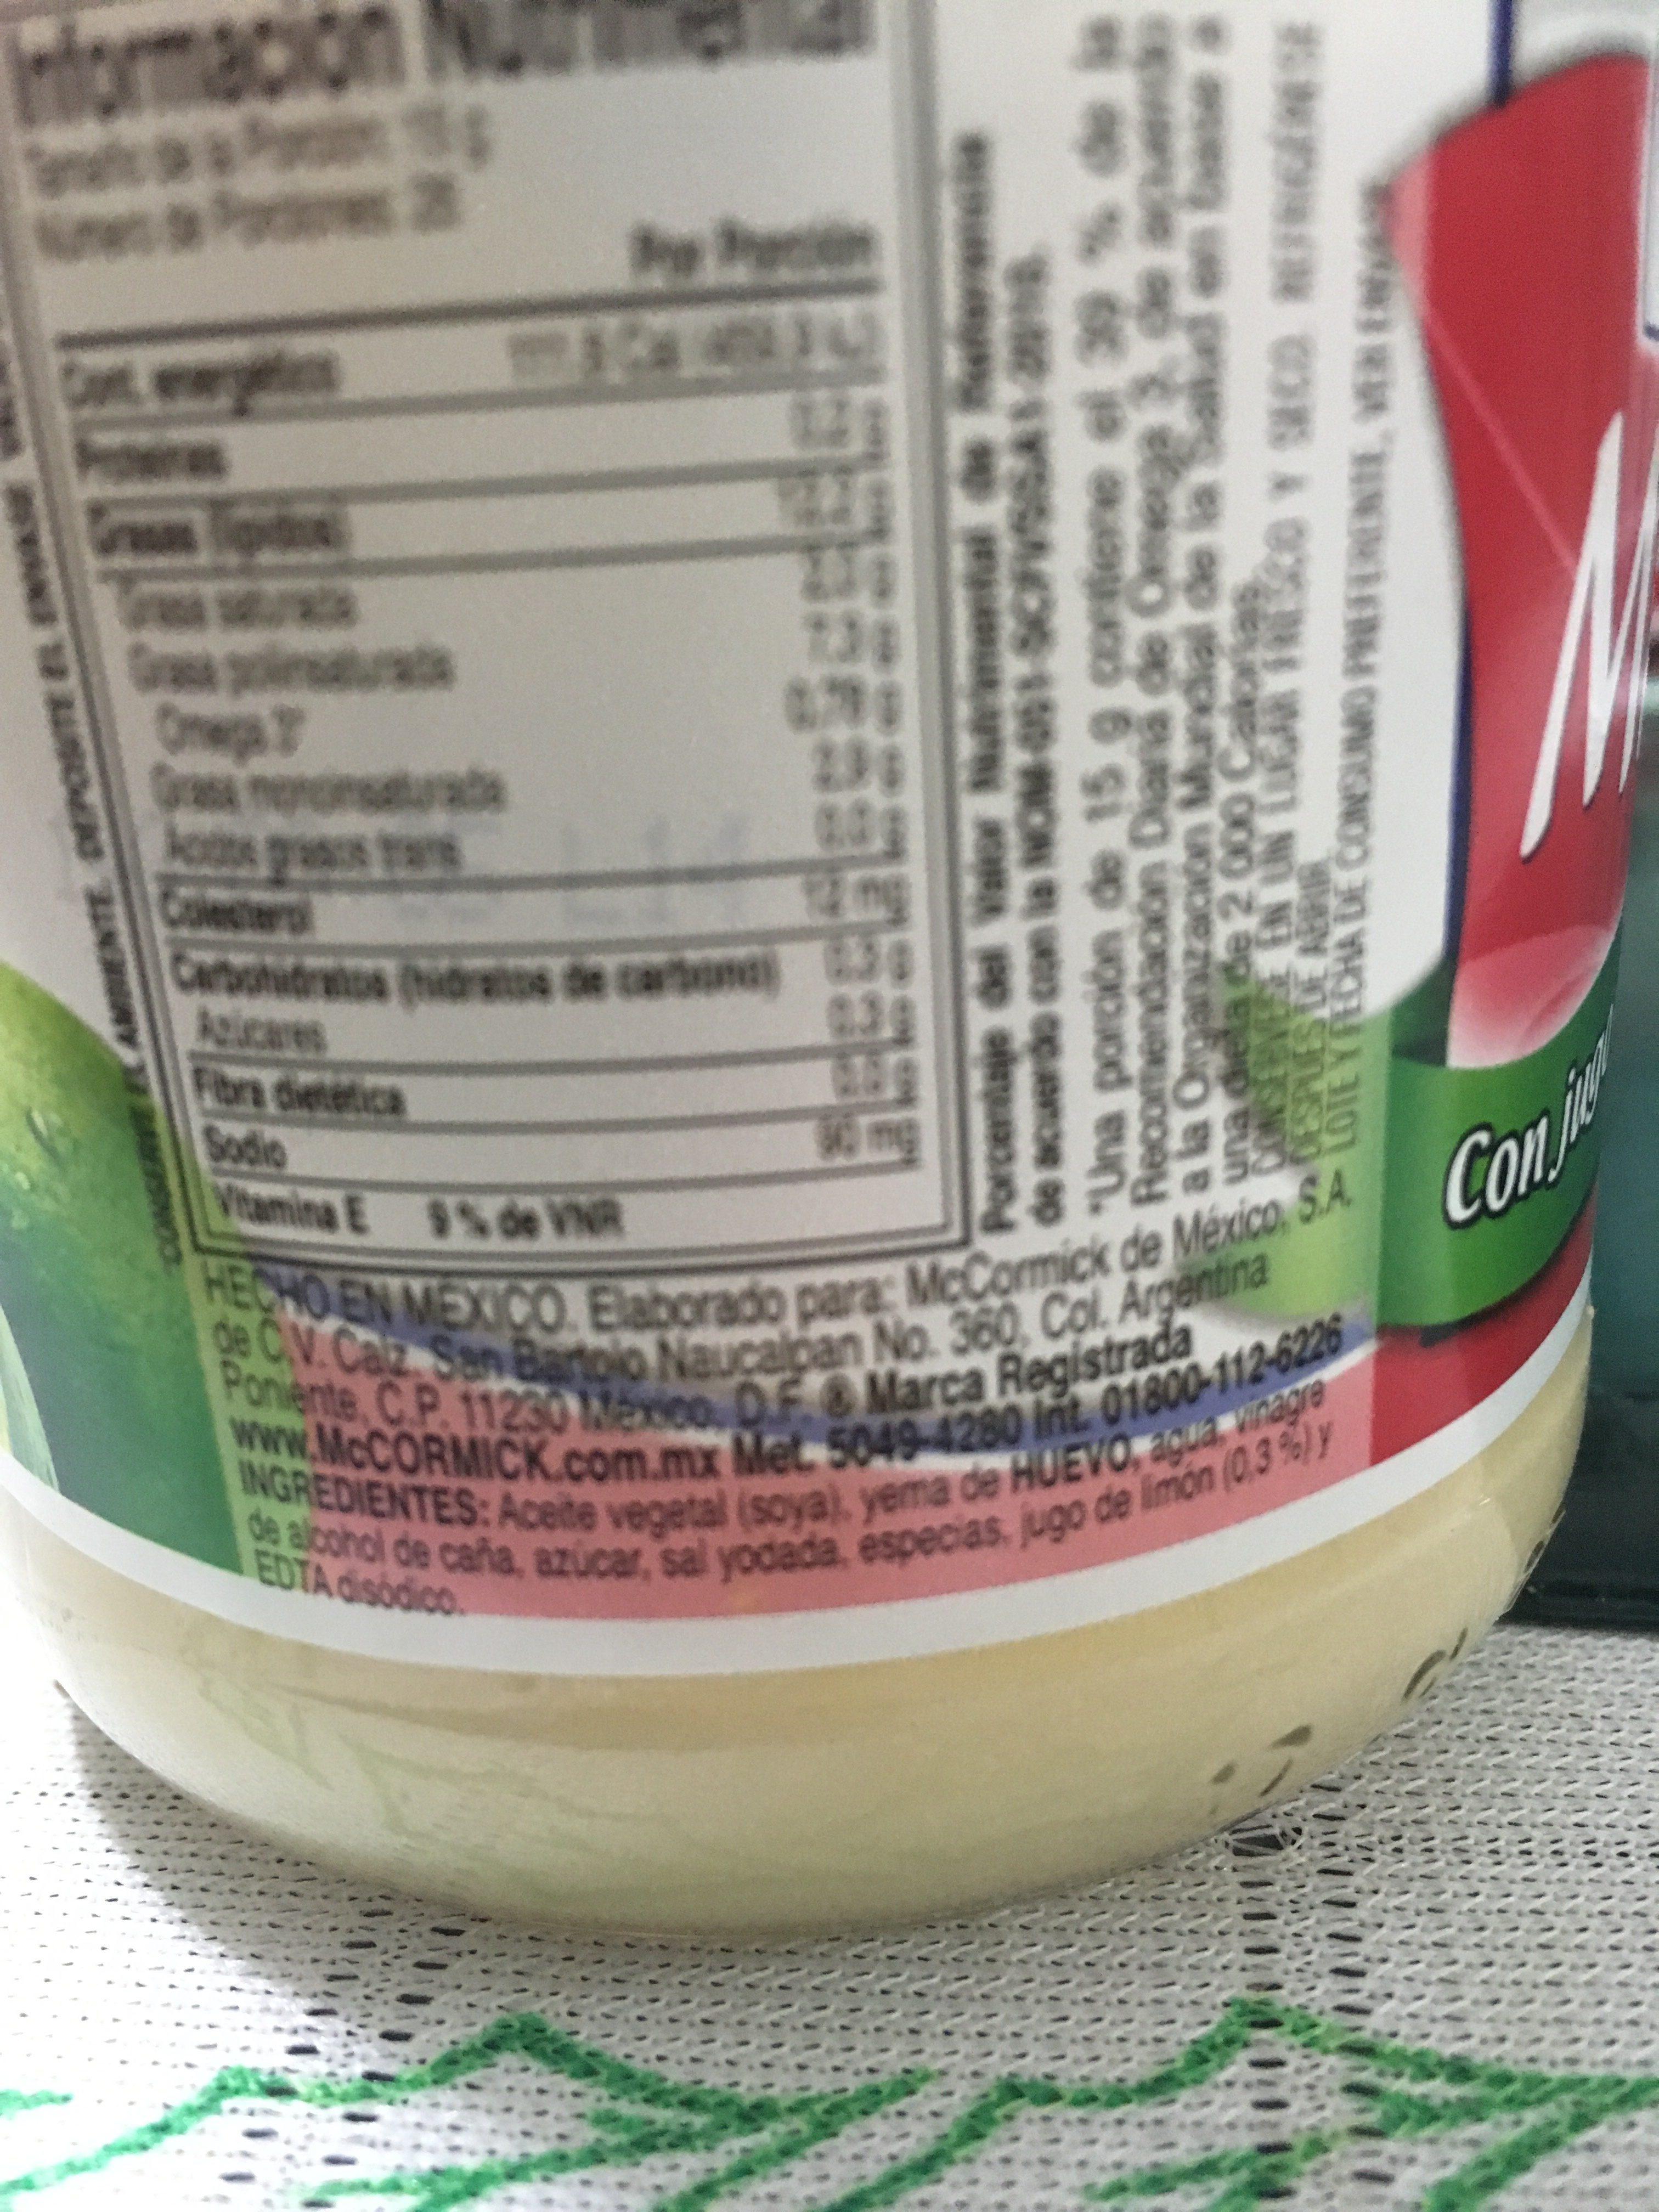 Mayonesa Con Limon En Frasco - Ingrédients